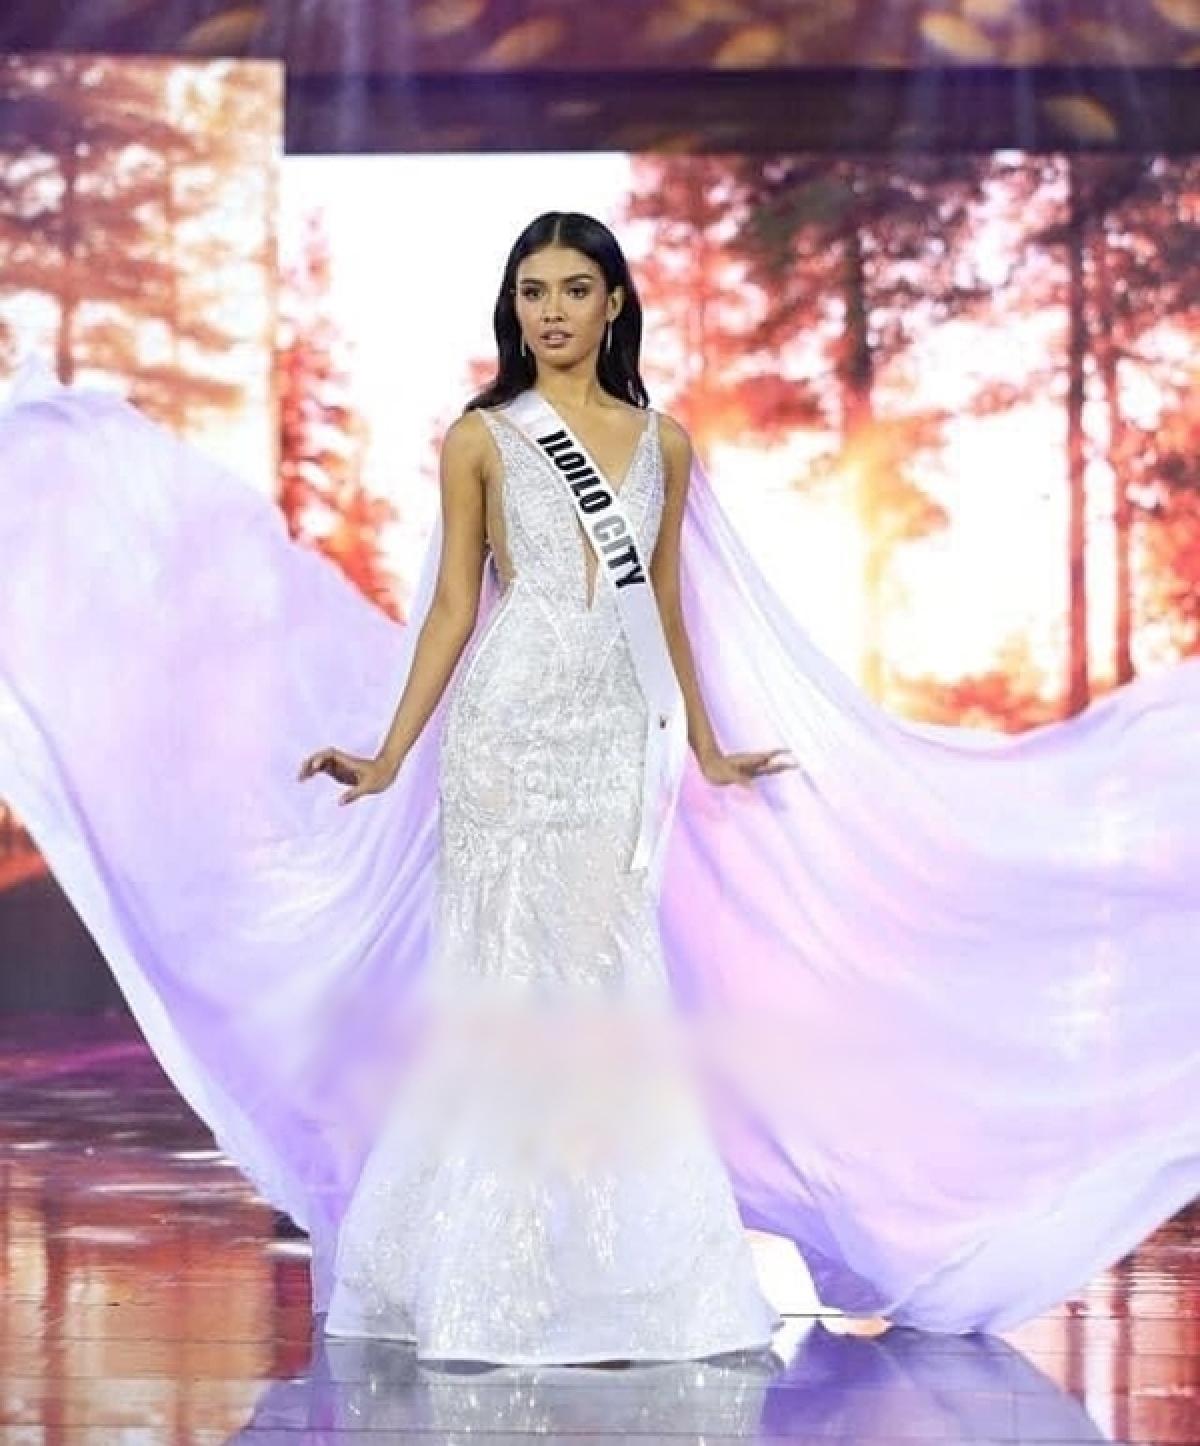 Người đẹp 23 tuổi đã xuất sắcvượt qua 45 thí sinh, đăng quang ngôi vị hoa hậu.